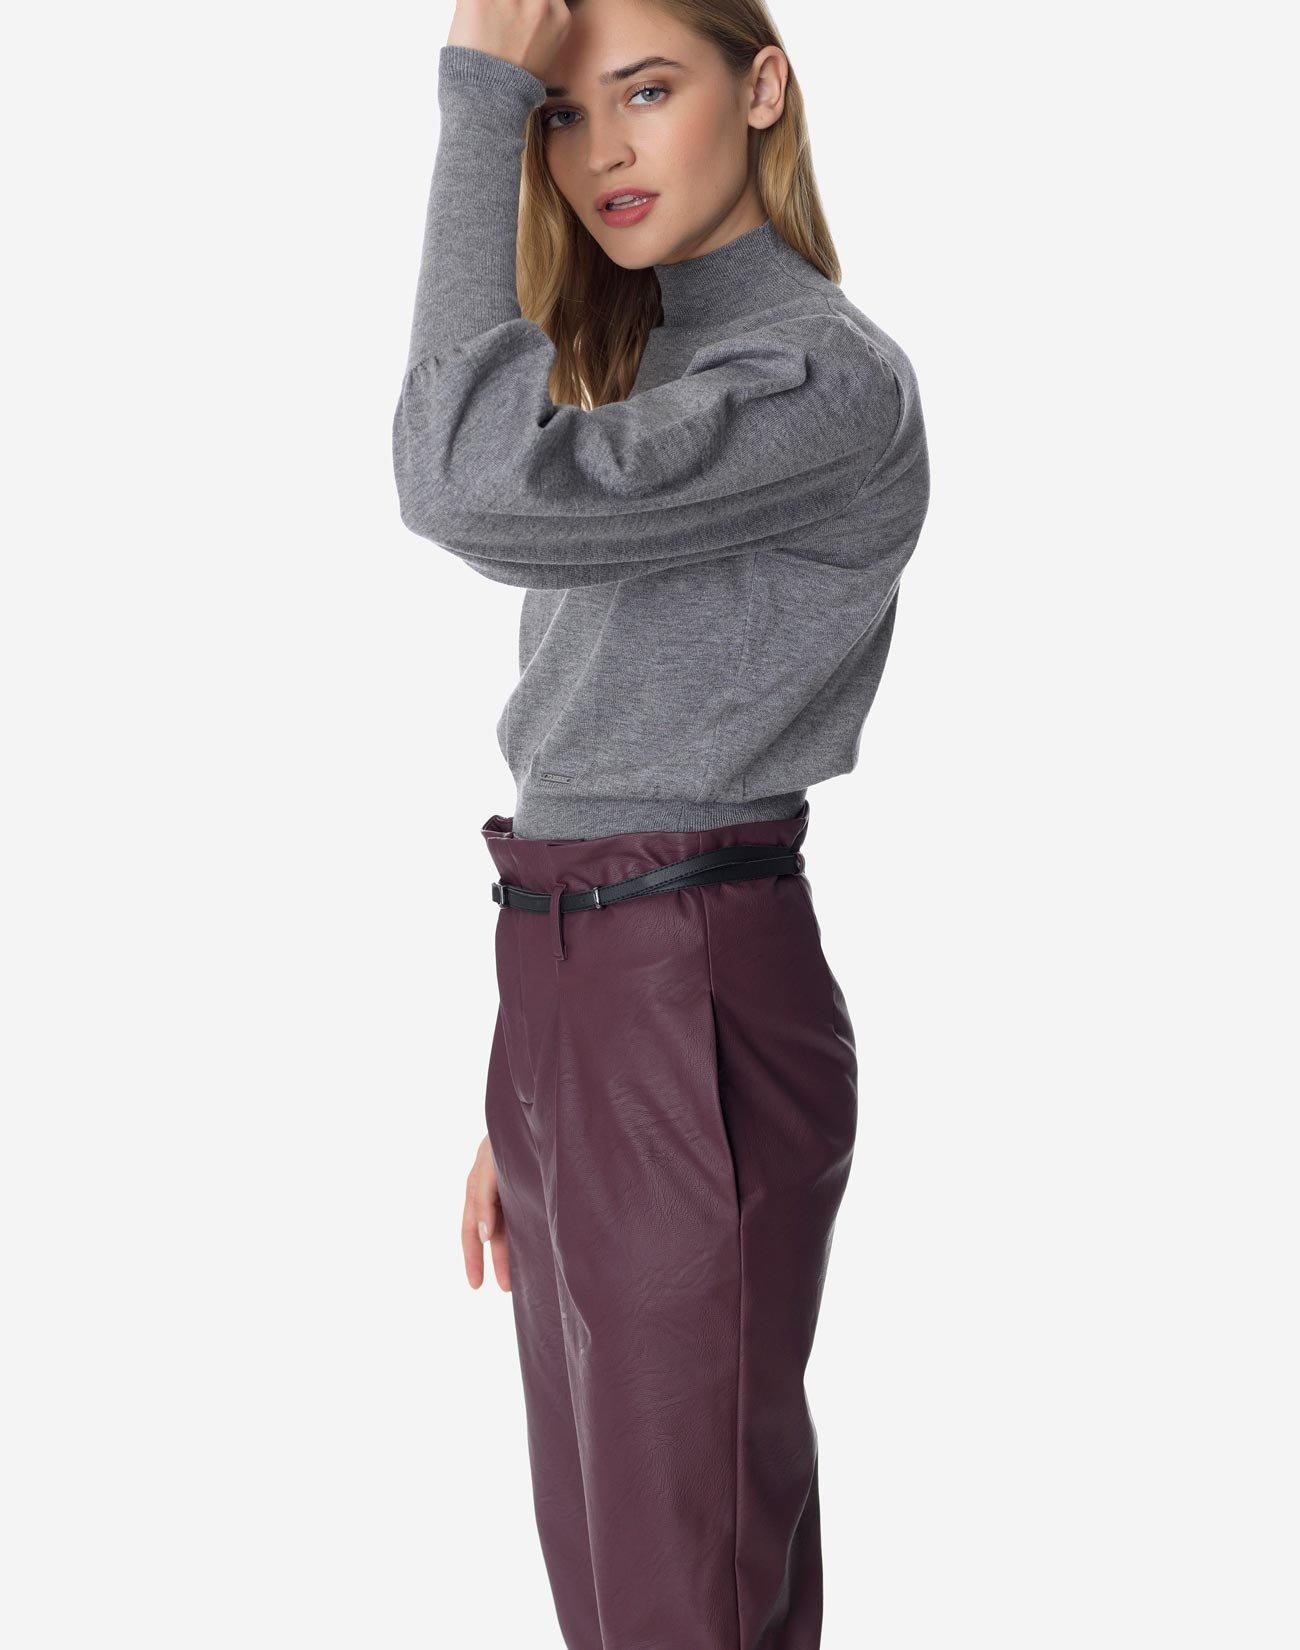 Πλεκτή μπλούζα με όρθιο γιακά